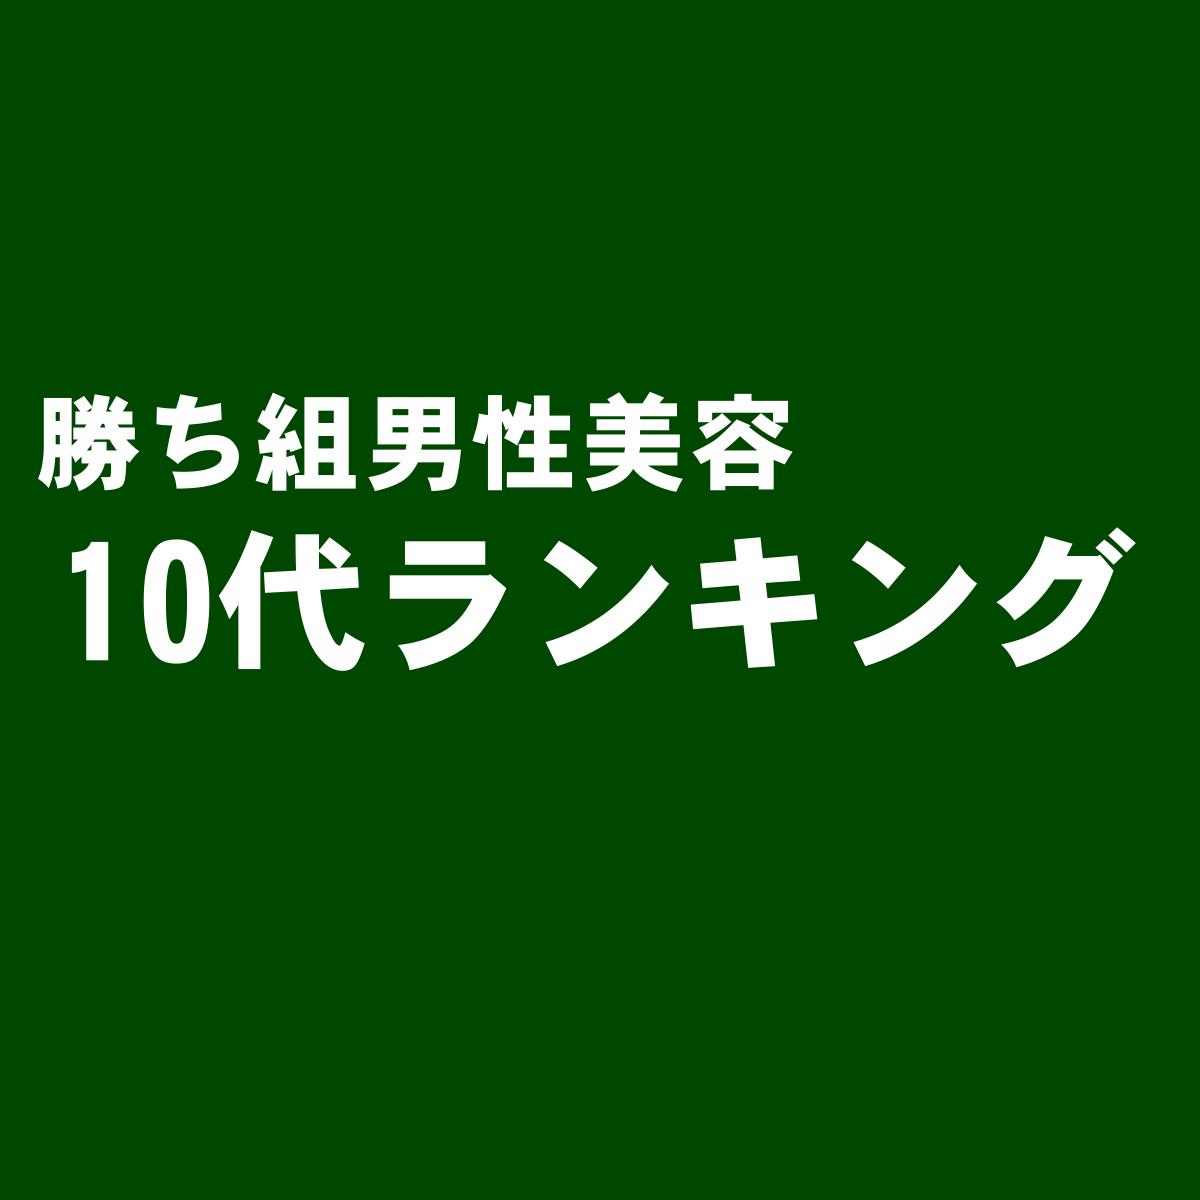 10代ランキング